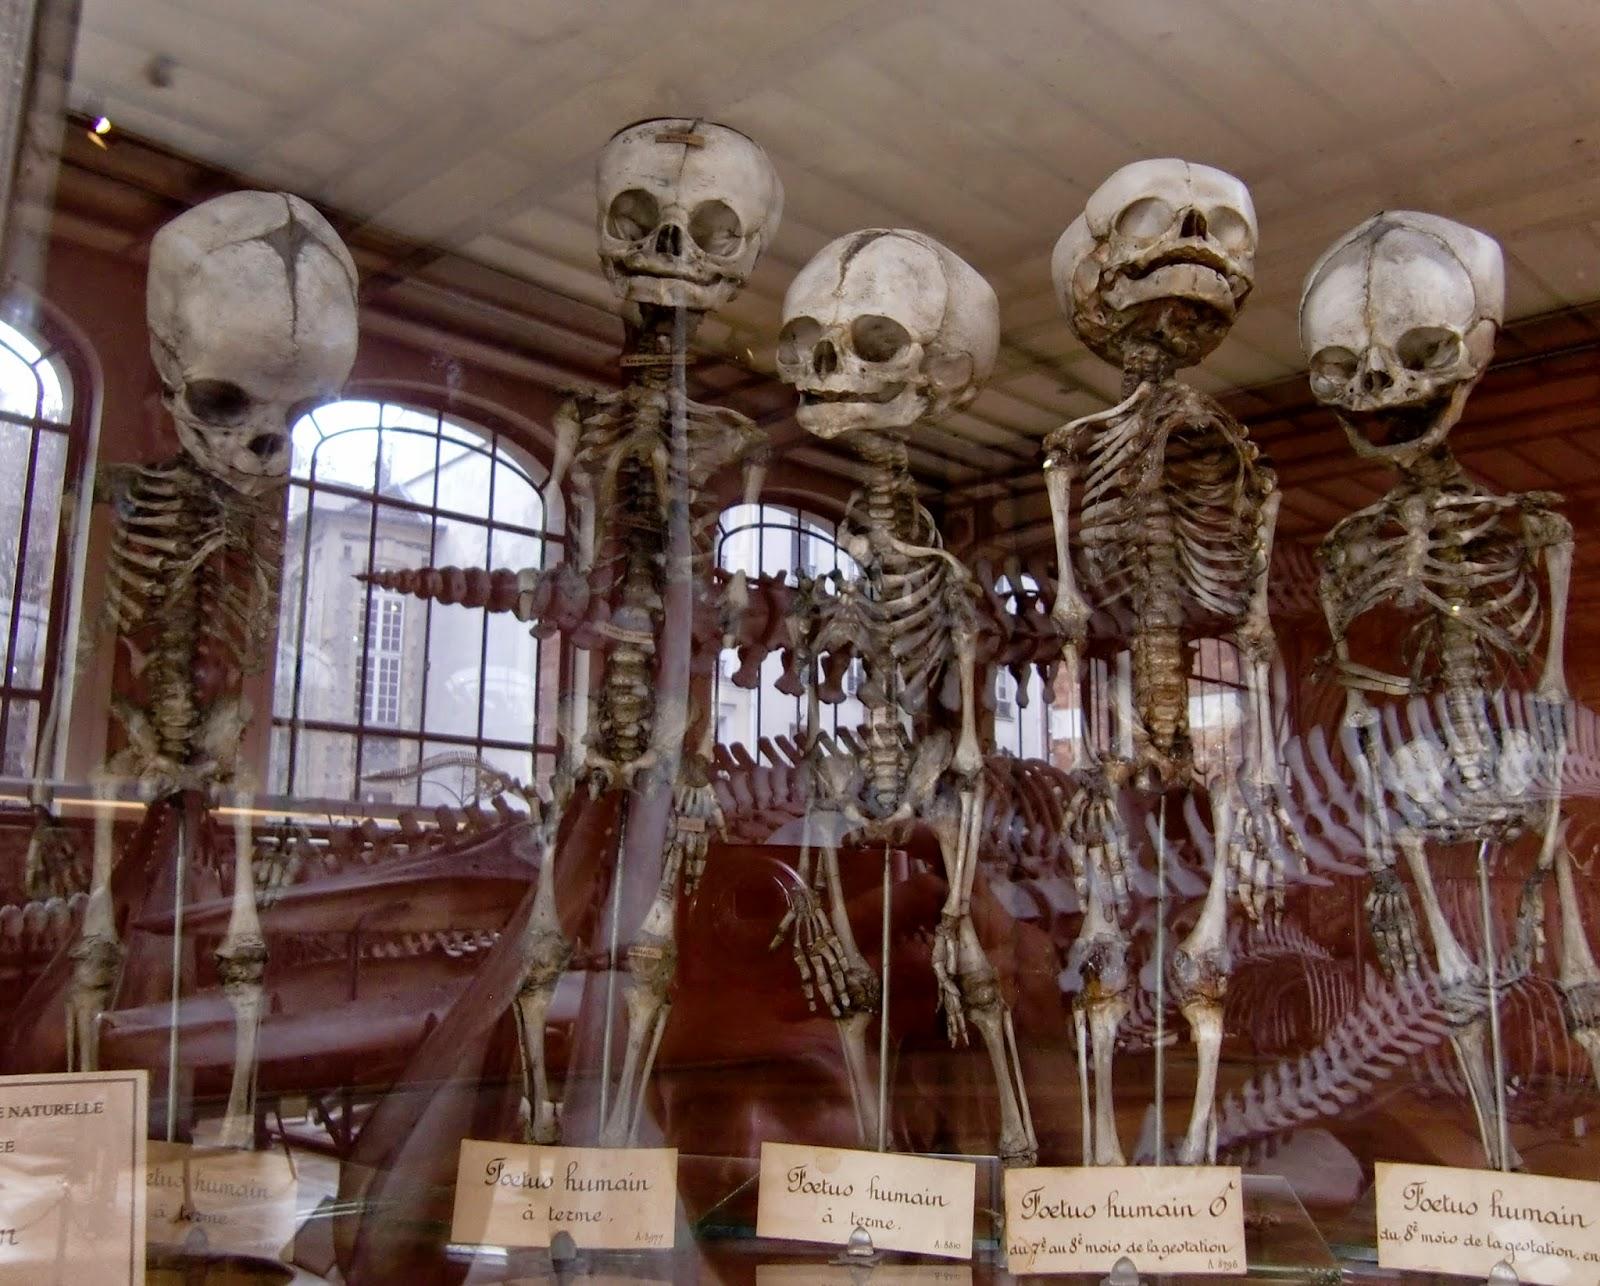 Lyginamoji anatomija